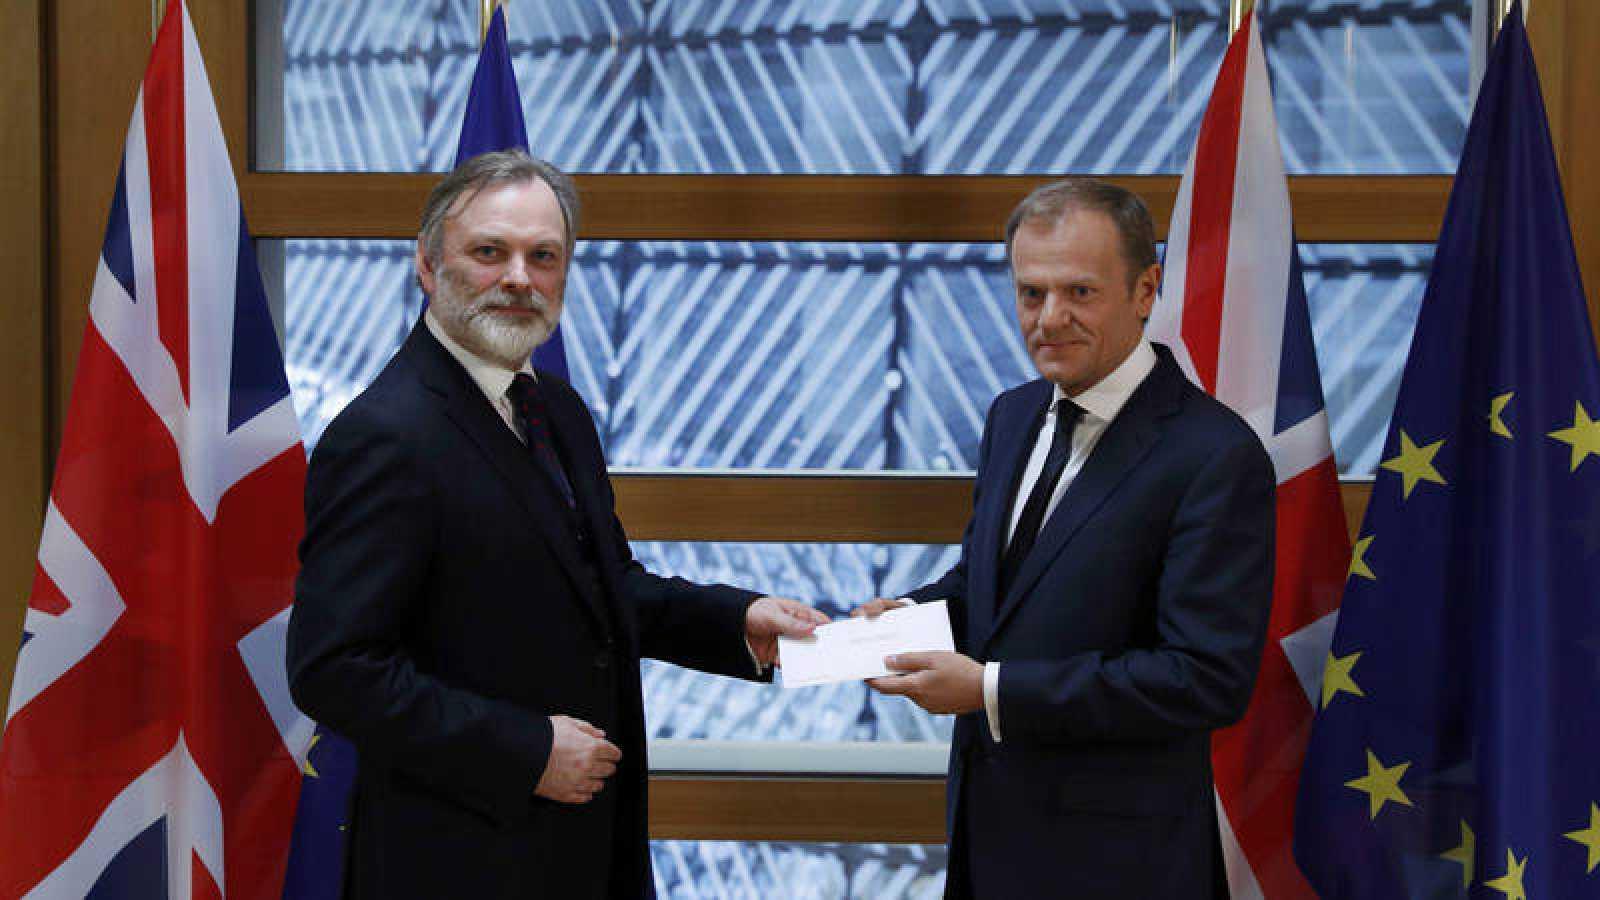 El presidente del Consejo Europeo, Donald Tusk recibe la carta que activa el proceso de salida de Reino Unido de la Unión de manos del embajador británico ante la Unión Europea, Tim Barrow.